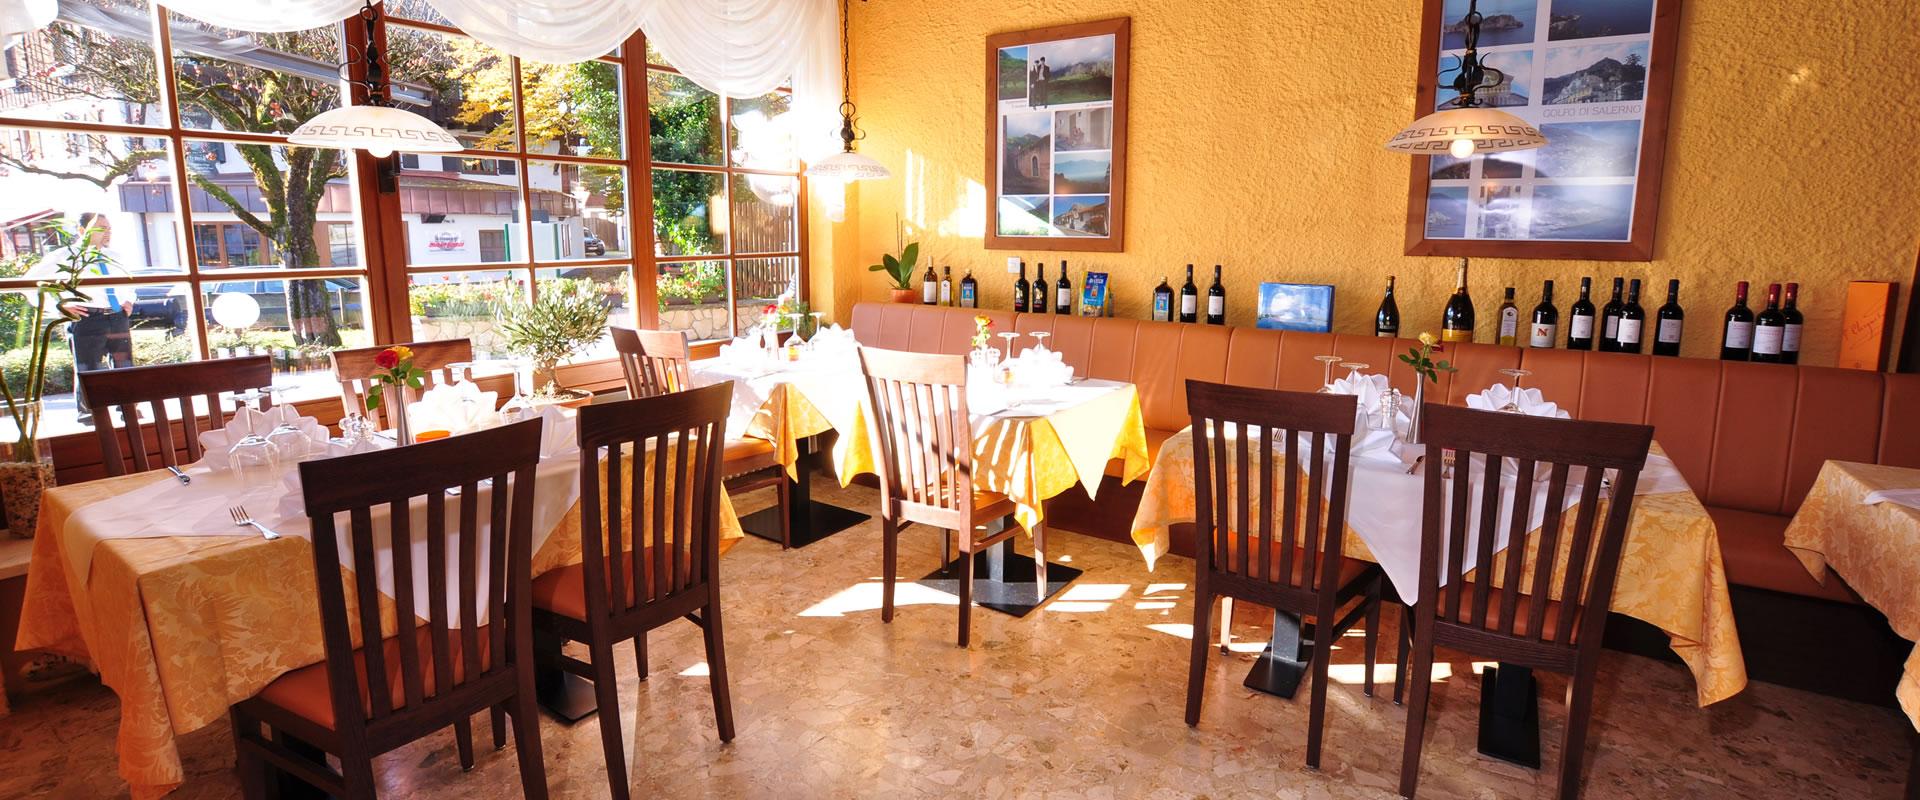 salerno-restaurant